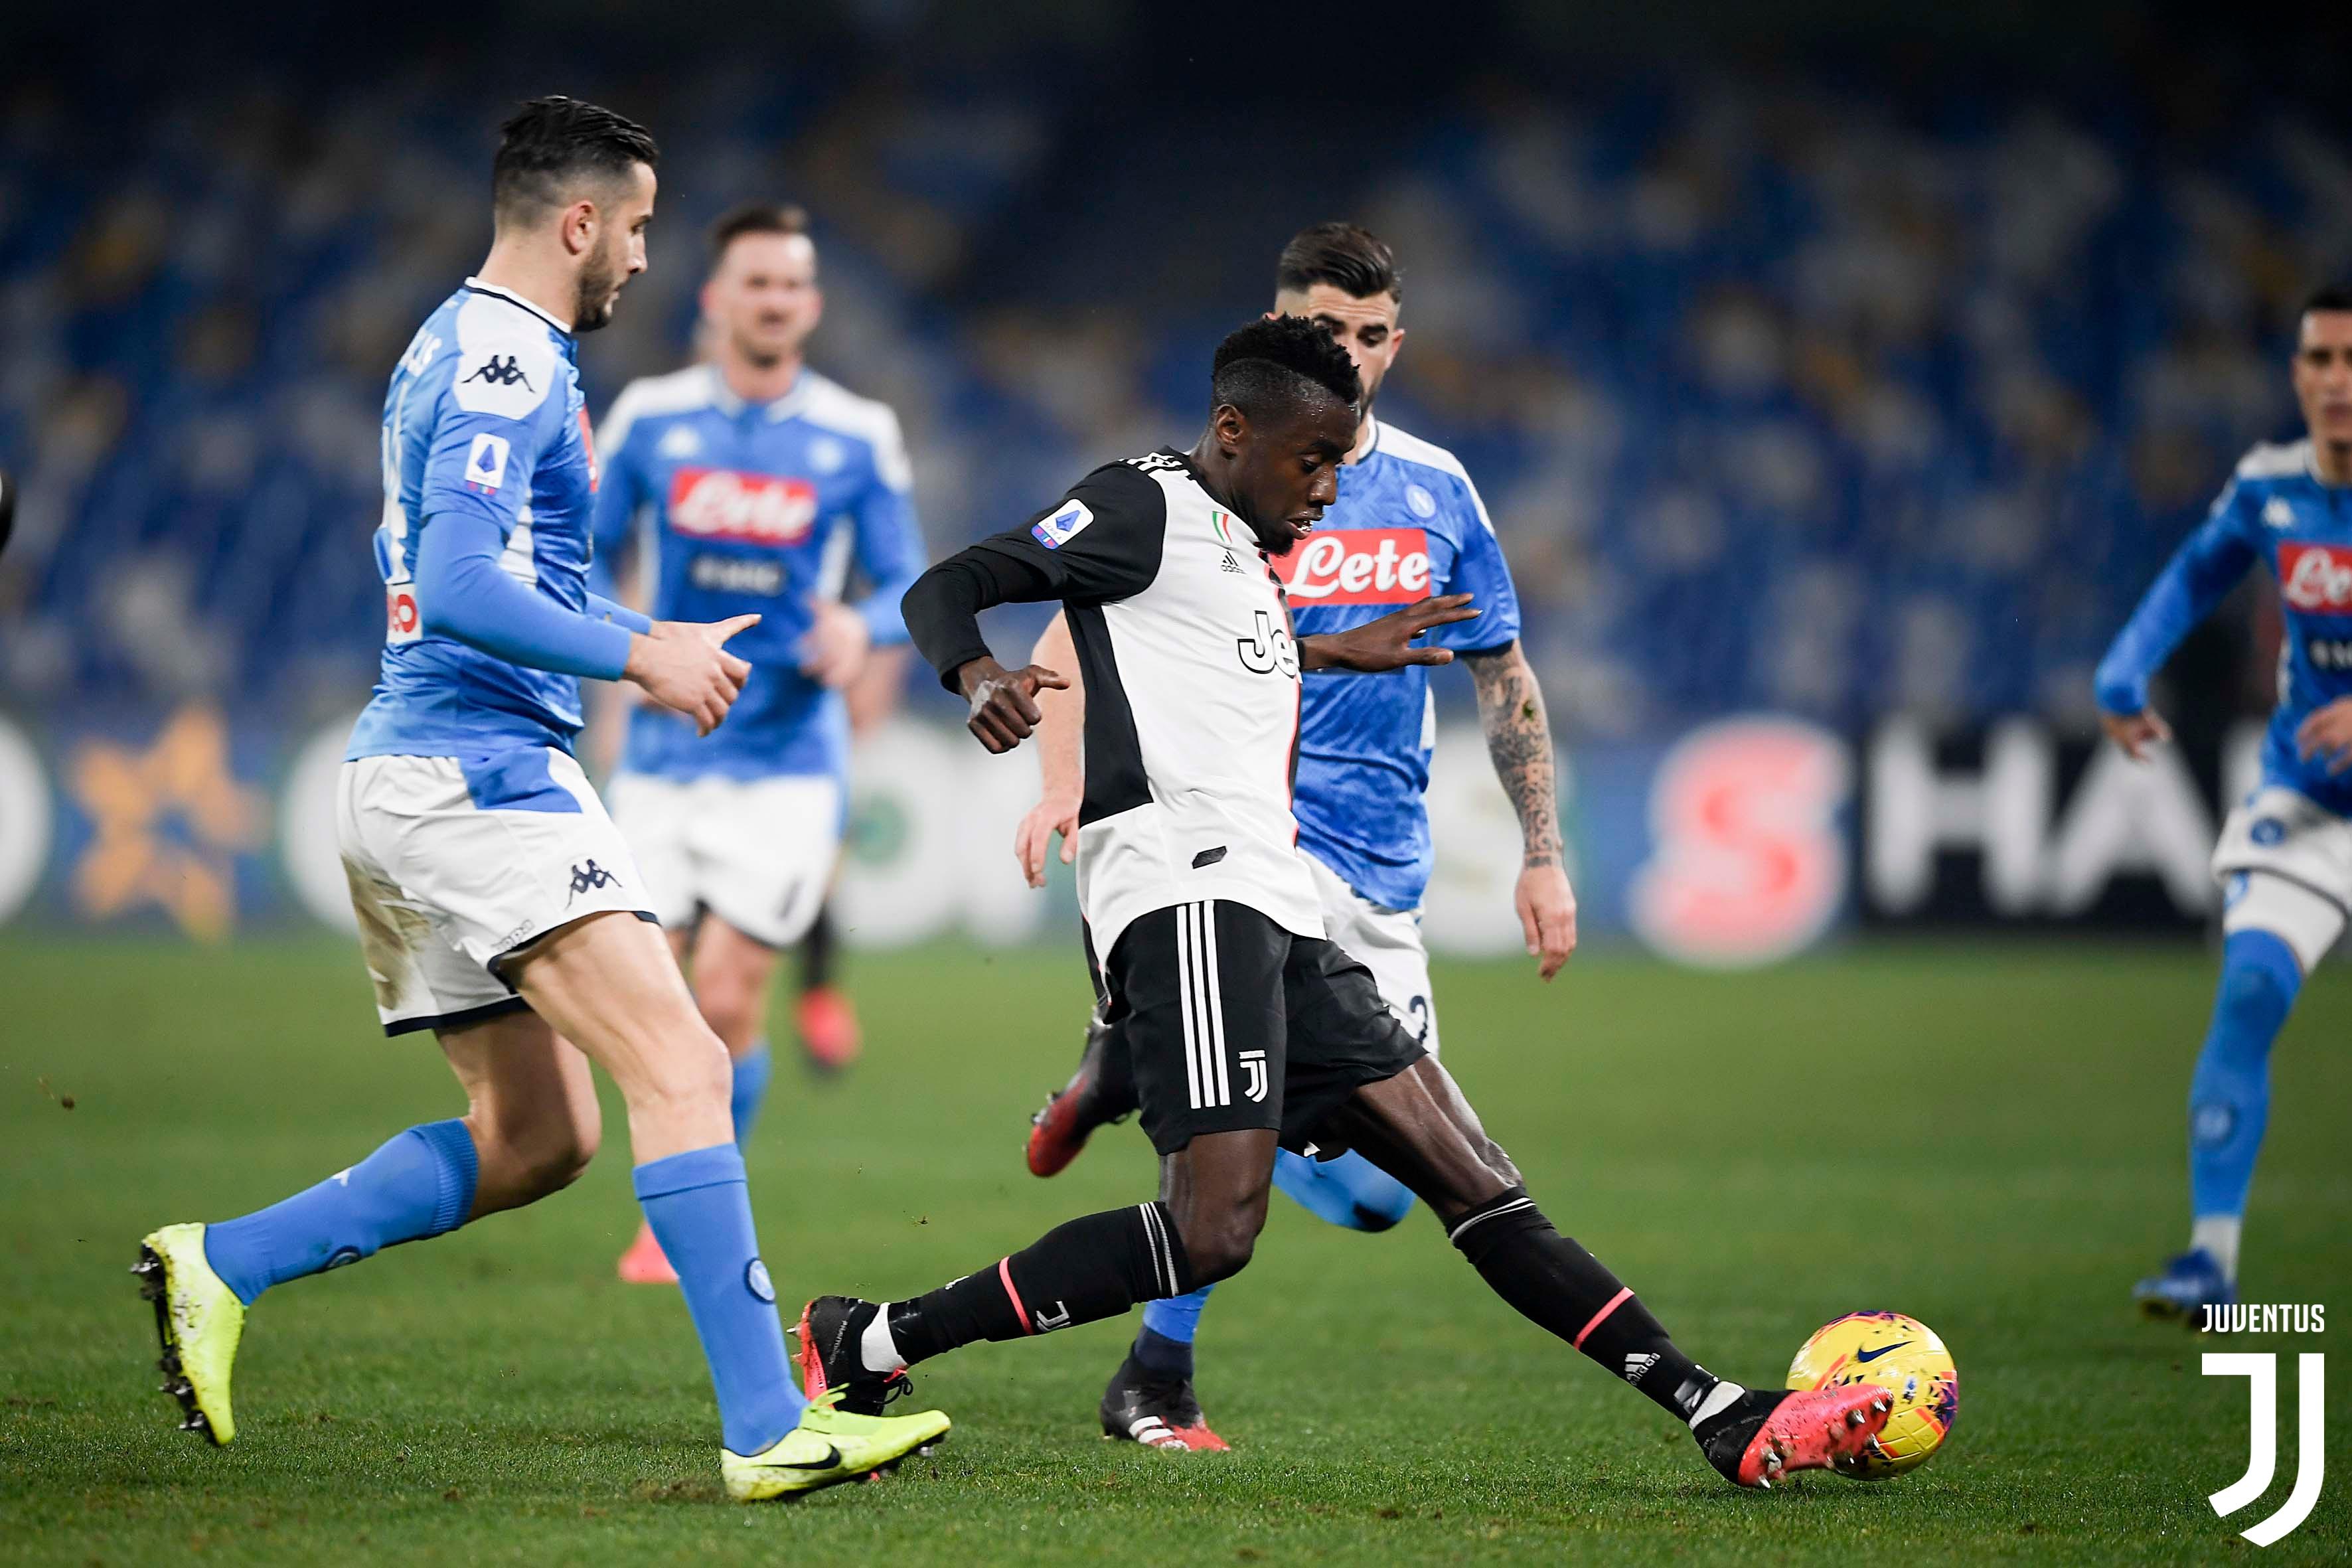 نابولي يخطف ثلاثة نقاط مهمة من اليوفي على ملعب سان باولو